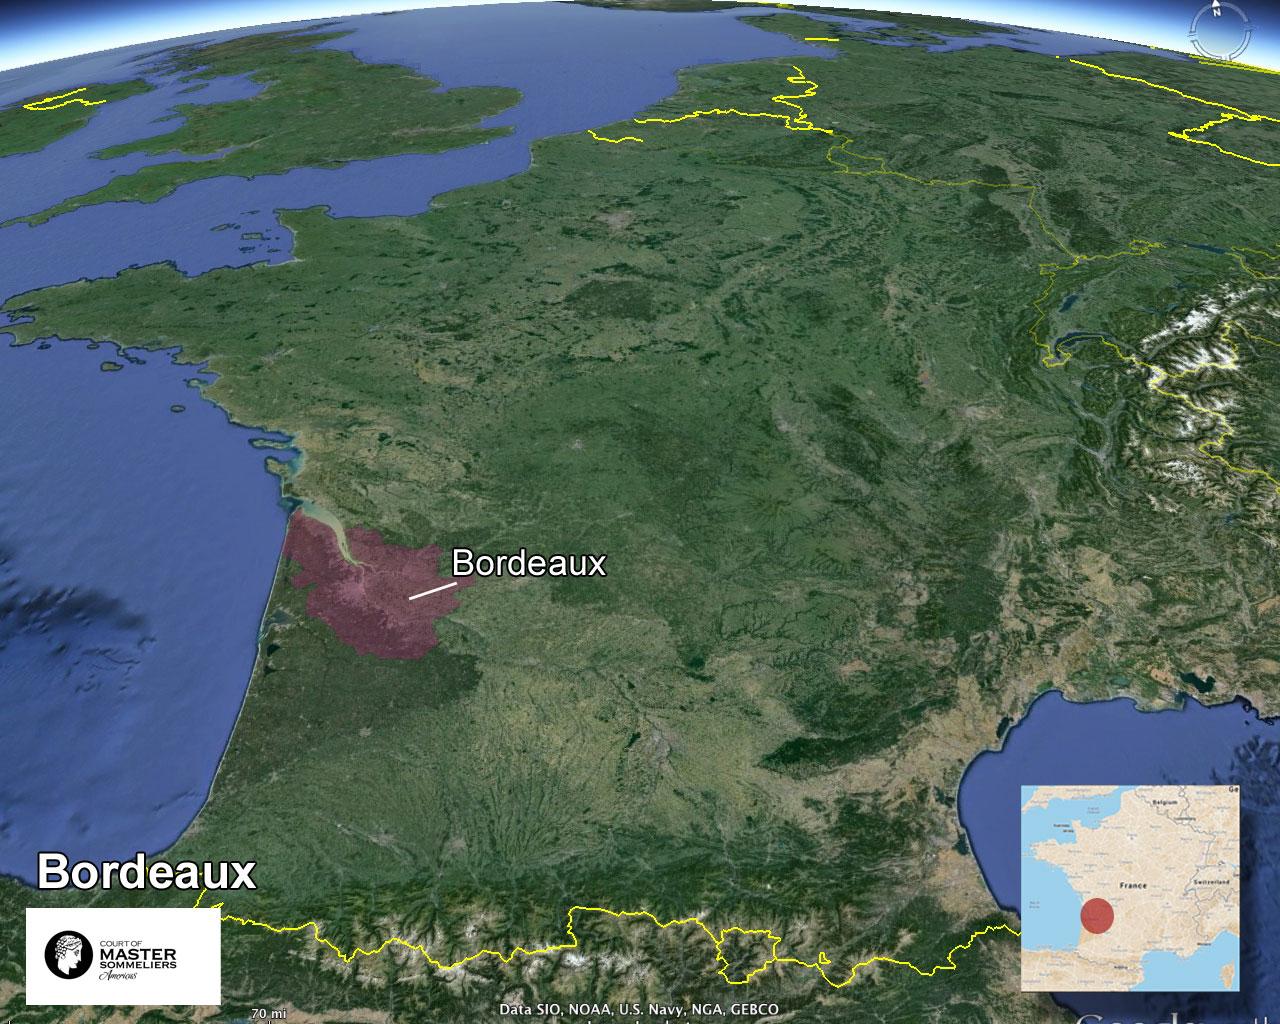 Bordeaux-Overview.jpg